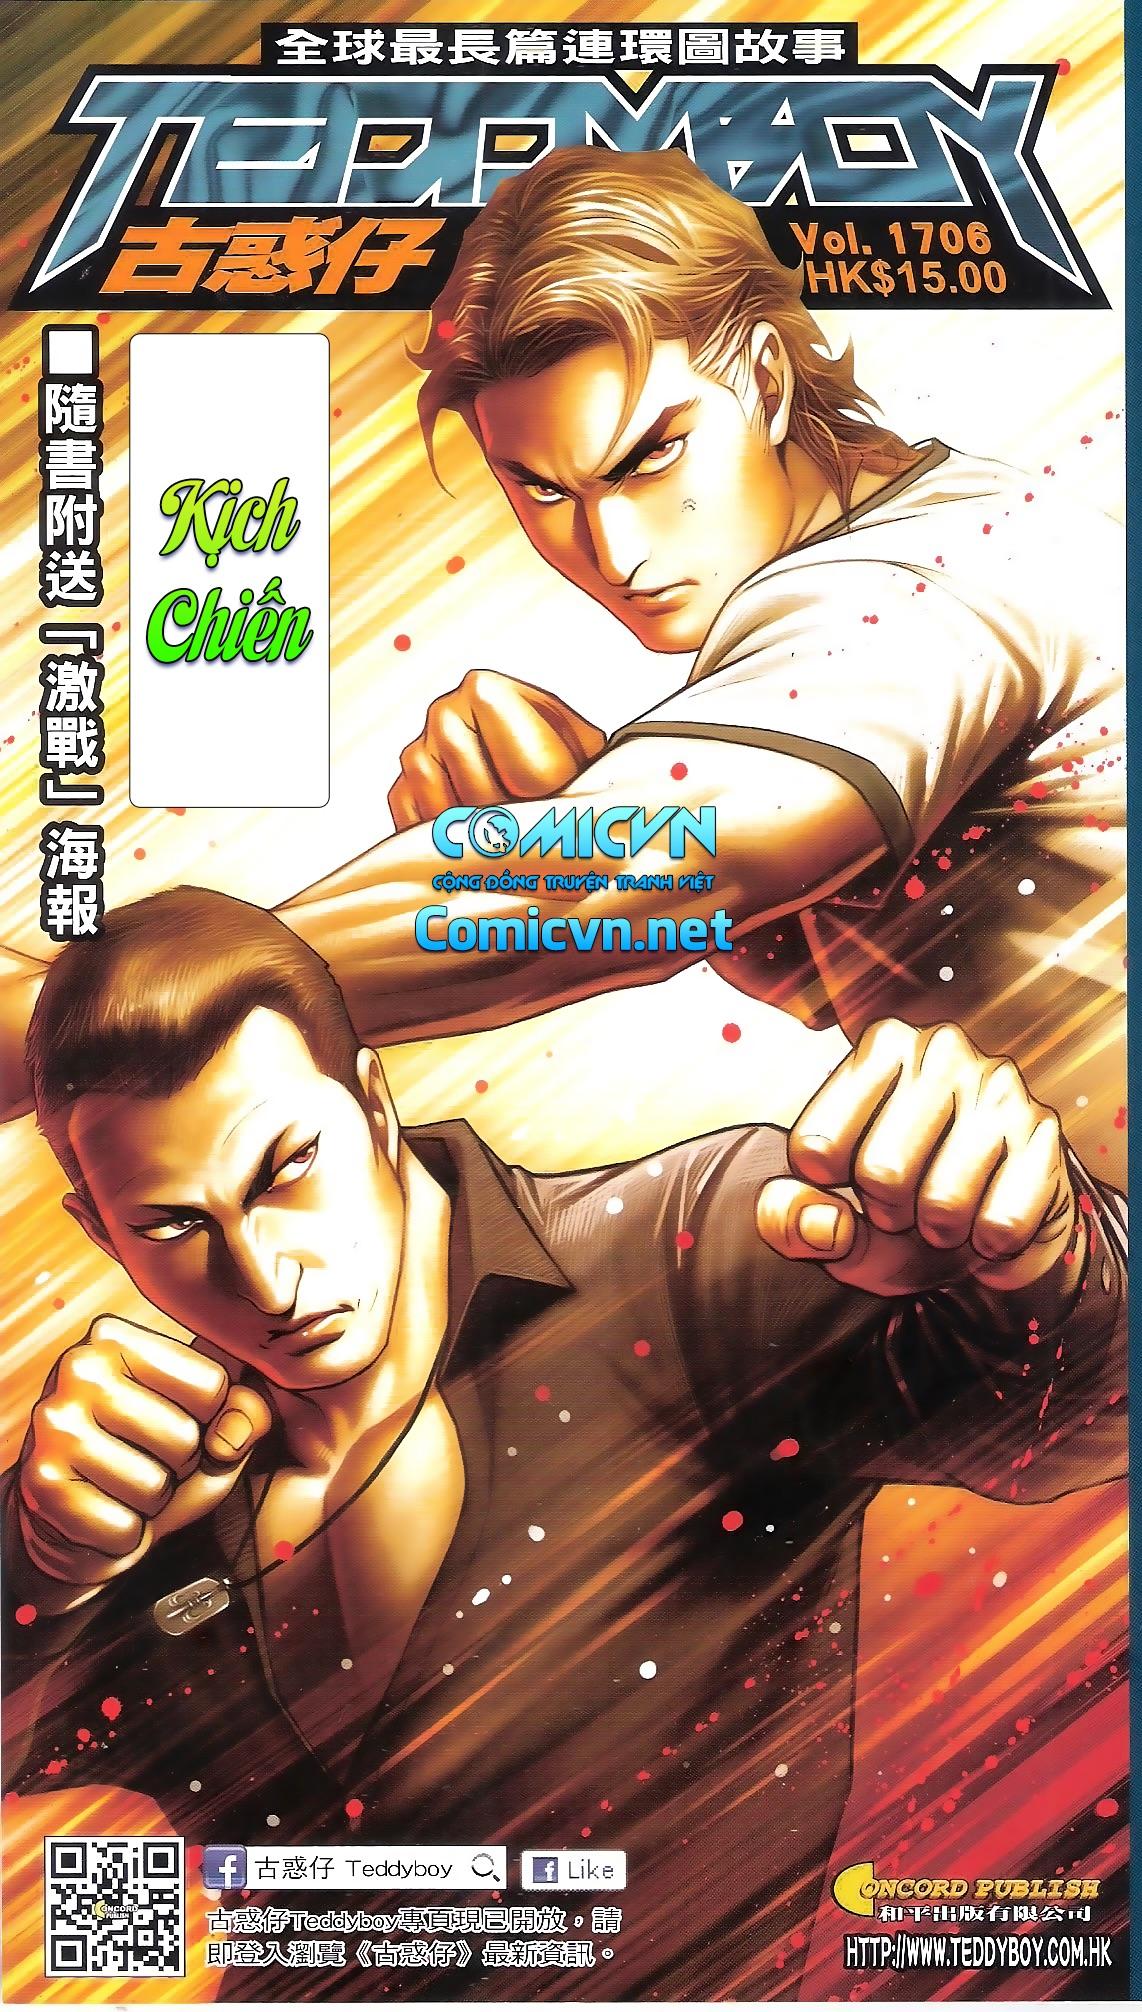 Người Trong Giang Hồ chapter 1706: kịch chiến trang 1